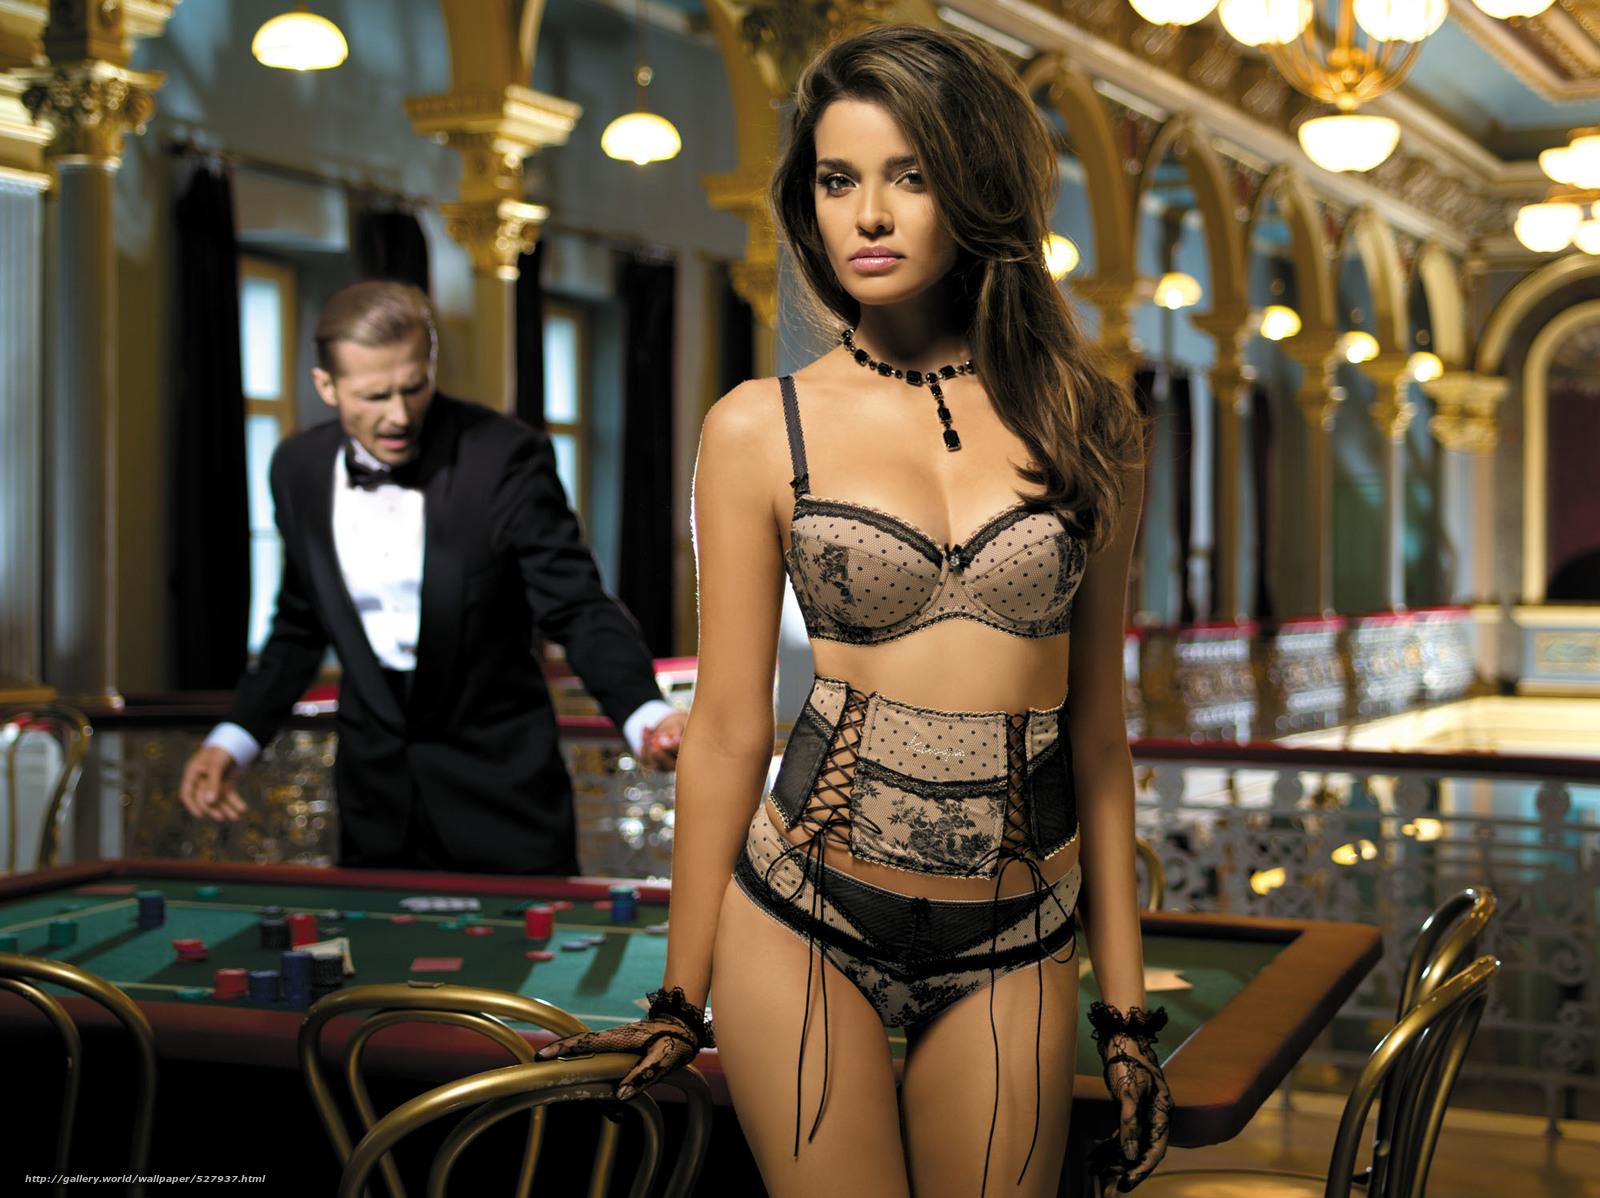 Фото девушки в казино 26 фотография